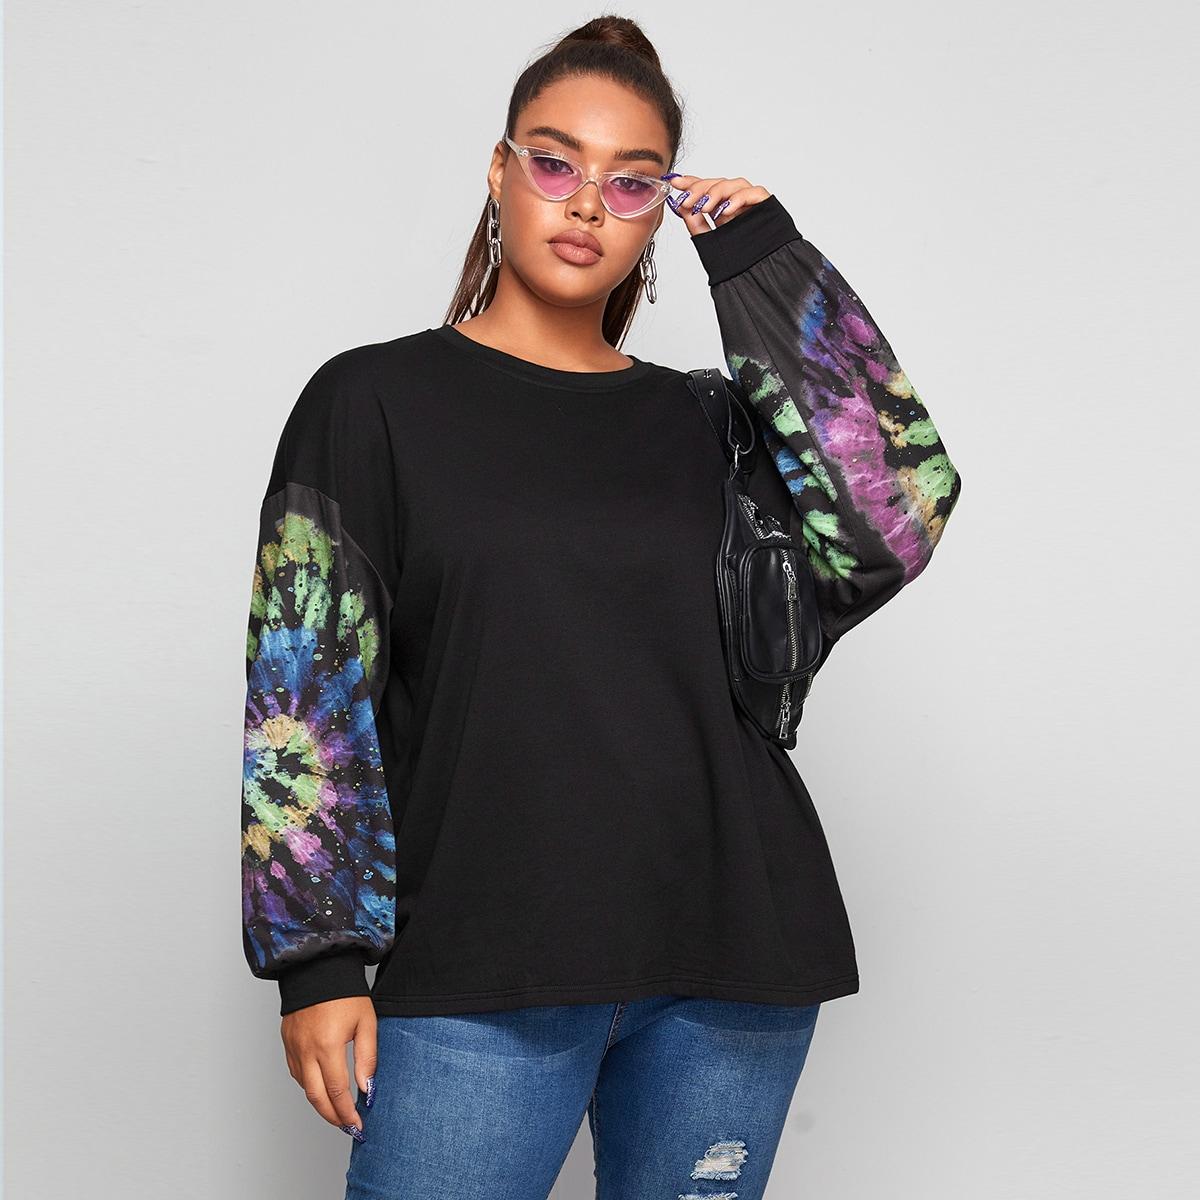 Пуловер размера плюс с принтом тай дай